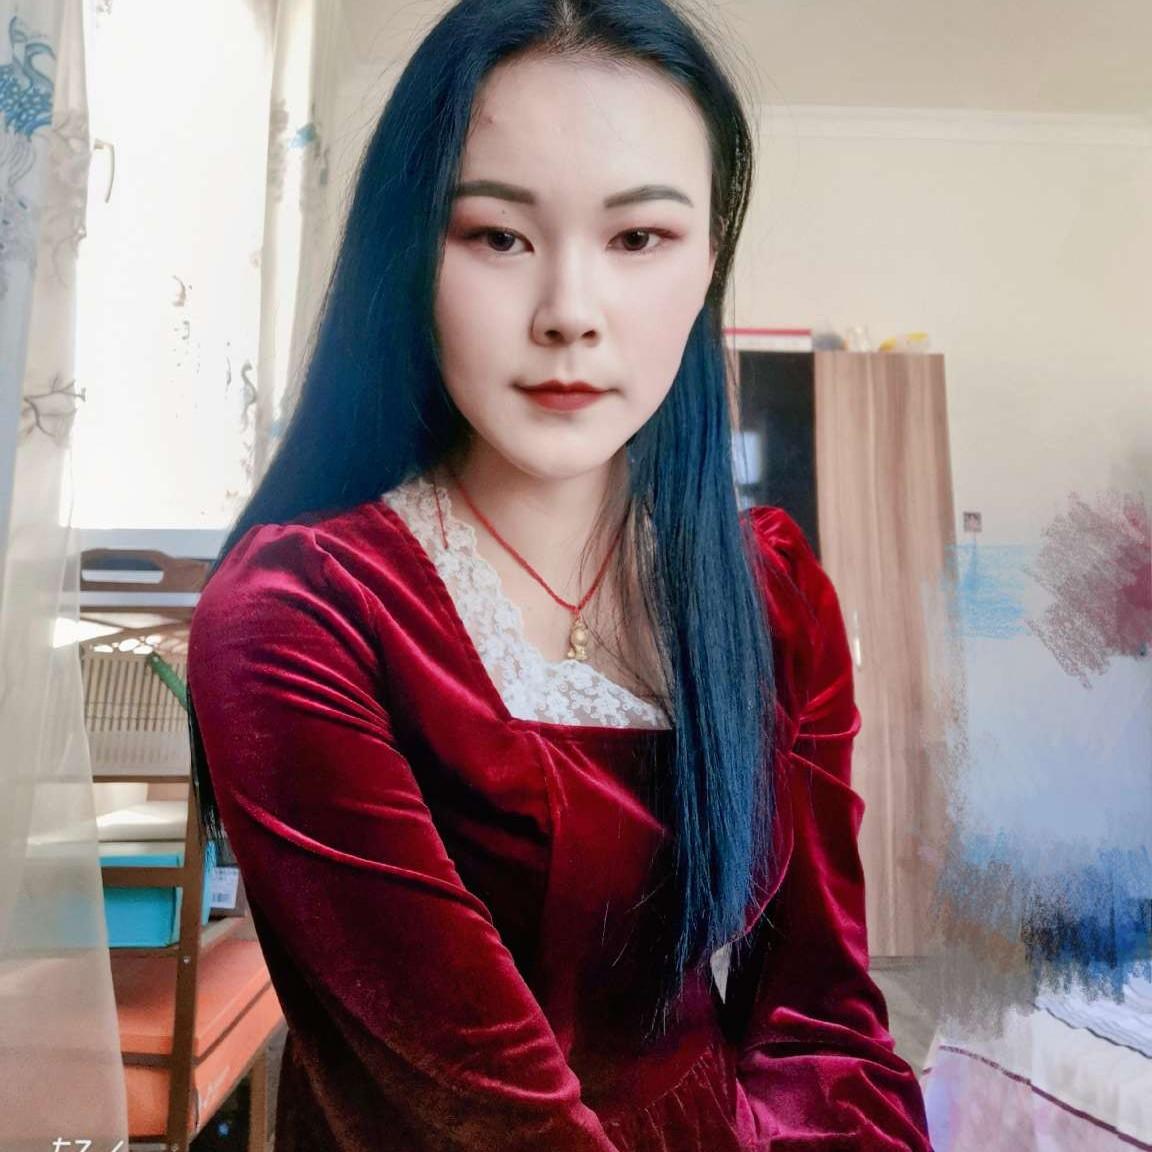 嫦娥妹妹的照片